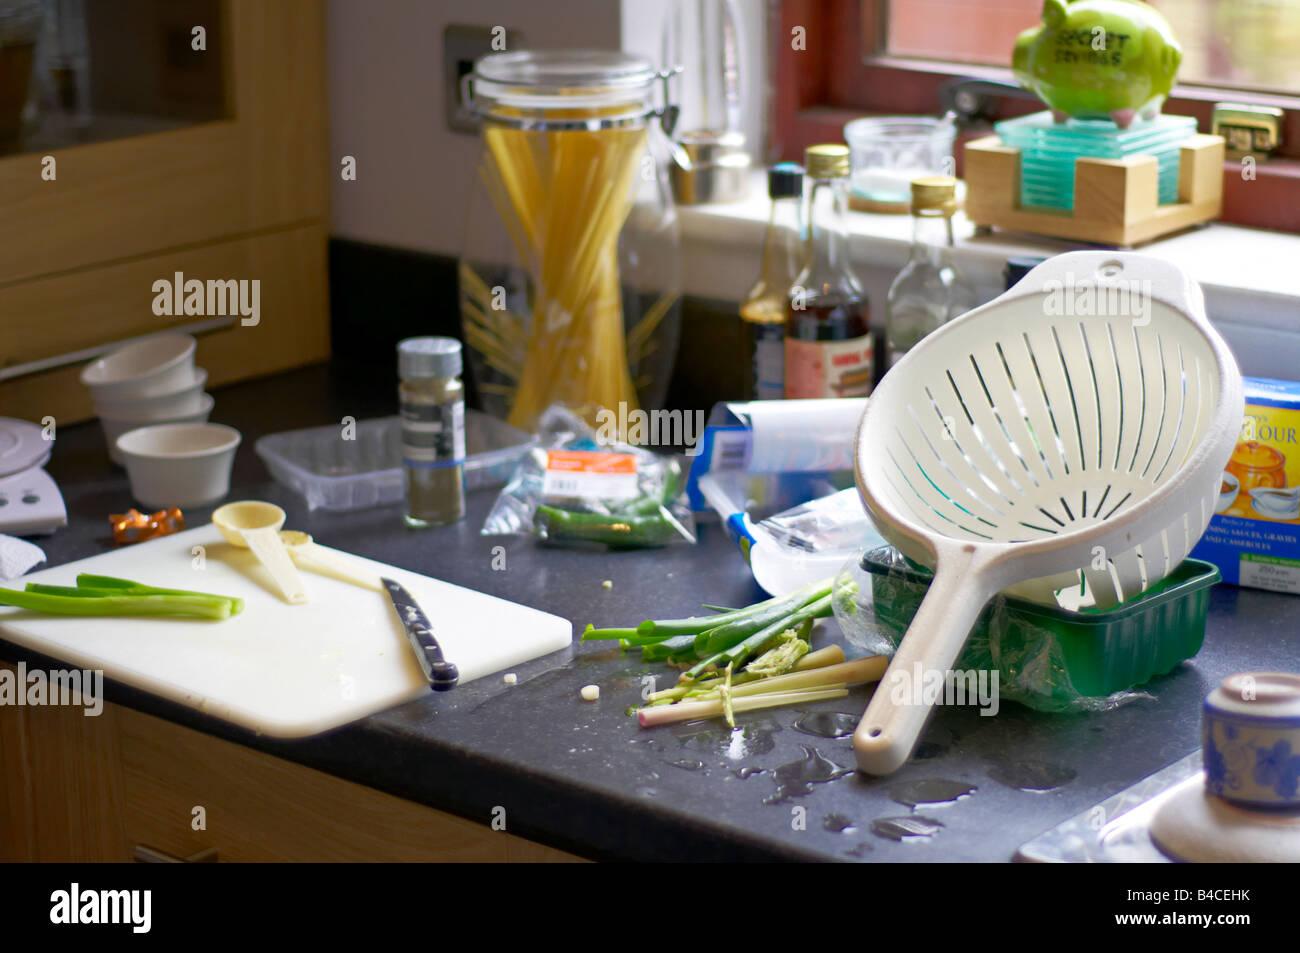 cuisine en d sordre banque d 39 images photo stock 19943887 alamy. Black Bedroom Furniture Sets. Home Design Ideas